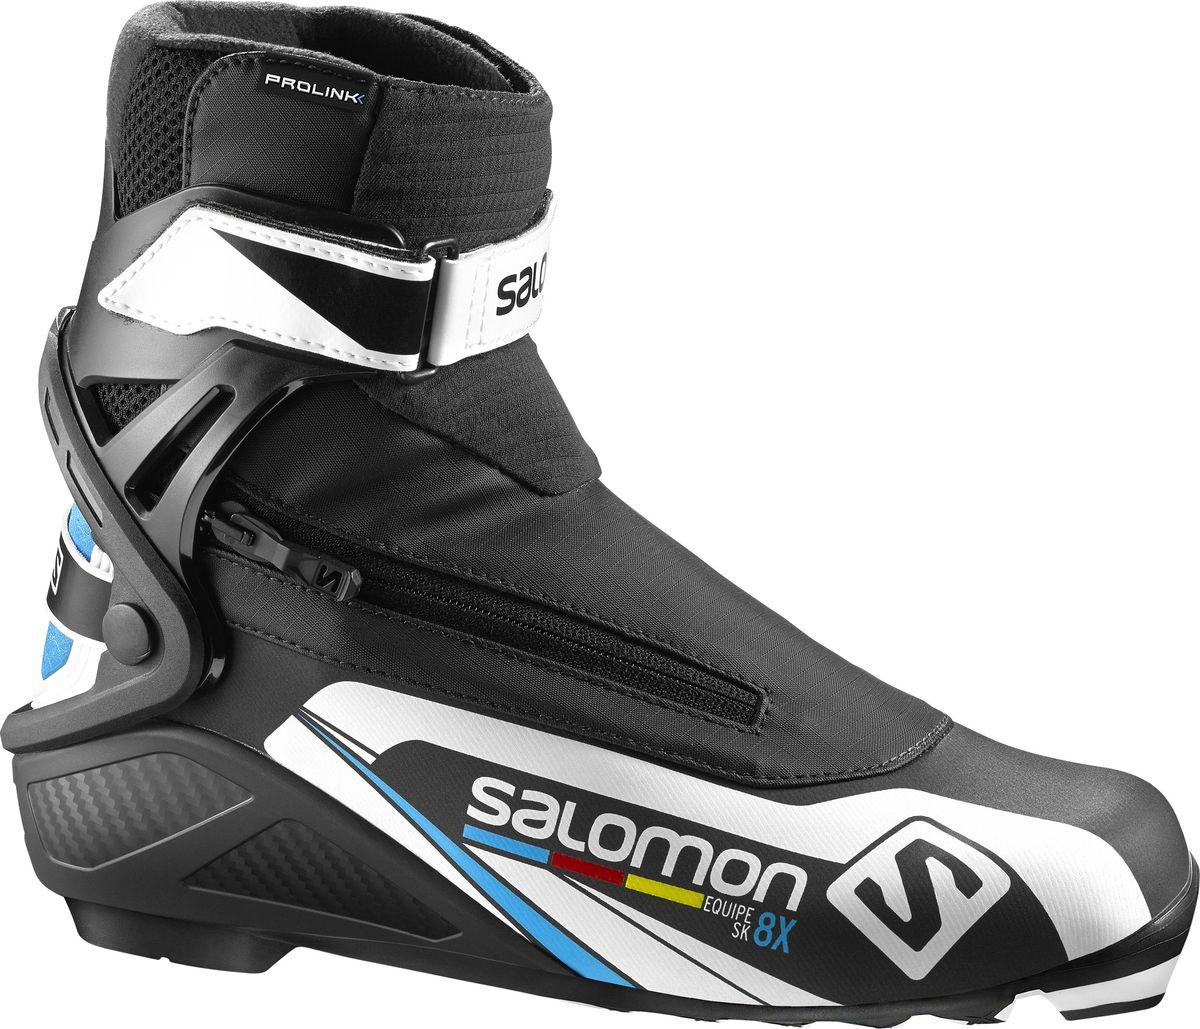 Ботинки для беговых лыж Salomon Equipe 8X Skate Prolink, цвет: черный. Размер 9 (42)L39417500В ботинках Salomon Equipe 8X Skate Prolink совмещены системы термоформовки Custom fit с инновационной раздельной системой быстрого шнурования для великолепного комфорта. Манжета Energyzer cuff обеспечит мощную и прогрессивную боковую поддержку. Ботинки созданы для любителей лыжного спорта, ценящих рабочие характеристики и желающих приобрести ботинки по доступной цене.